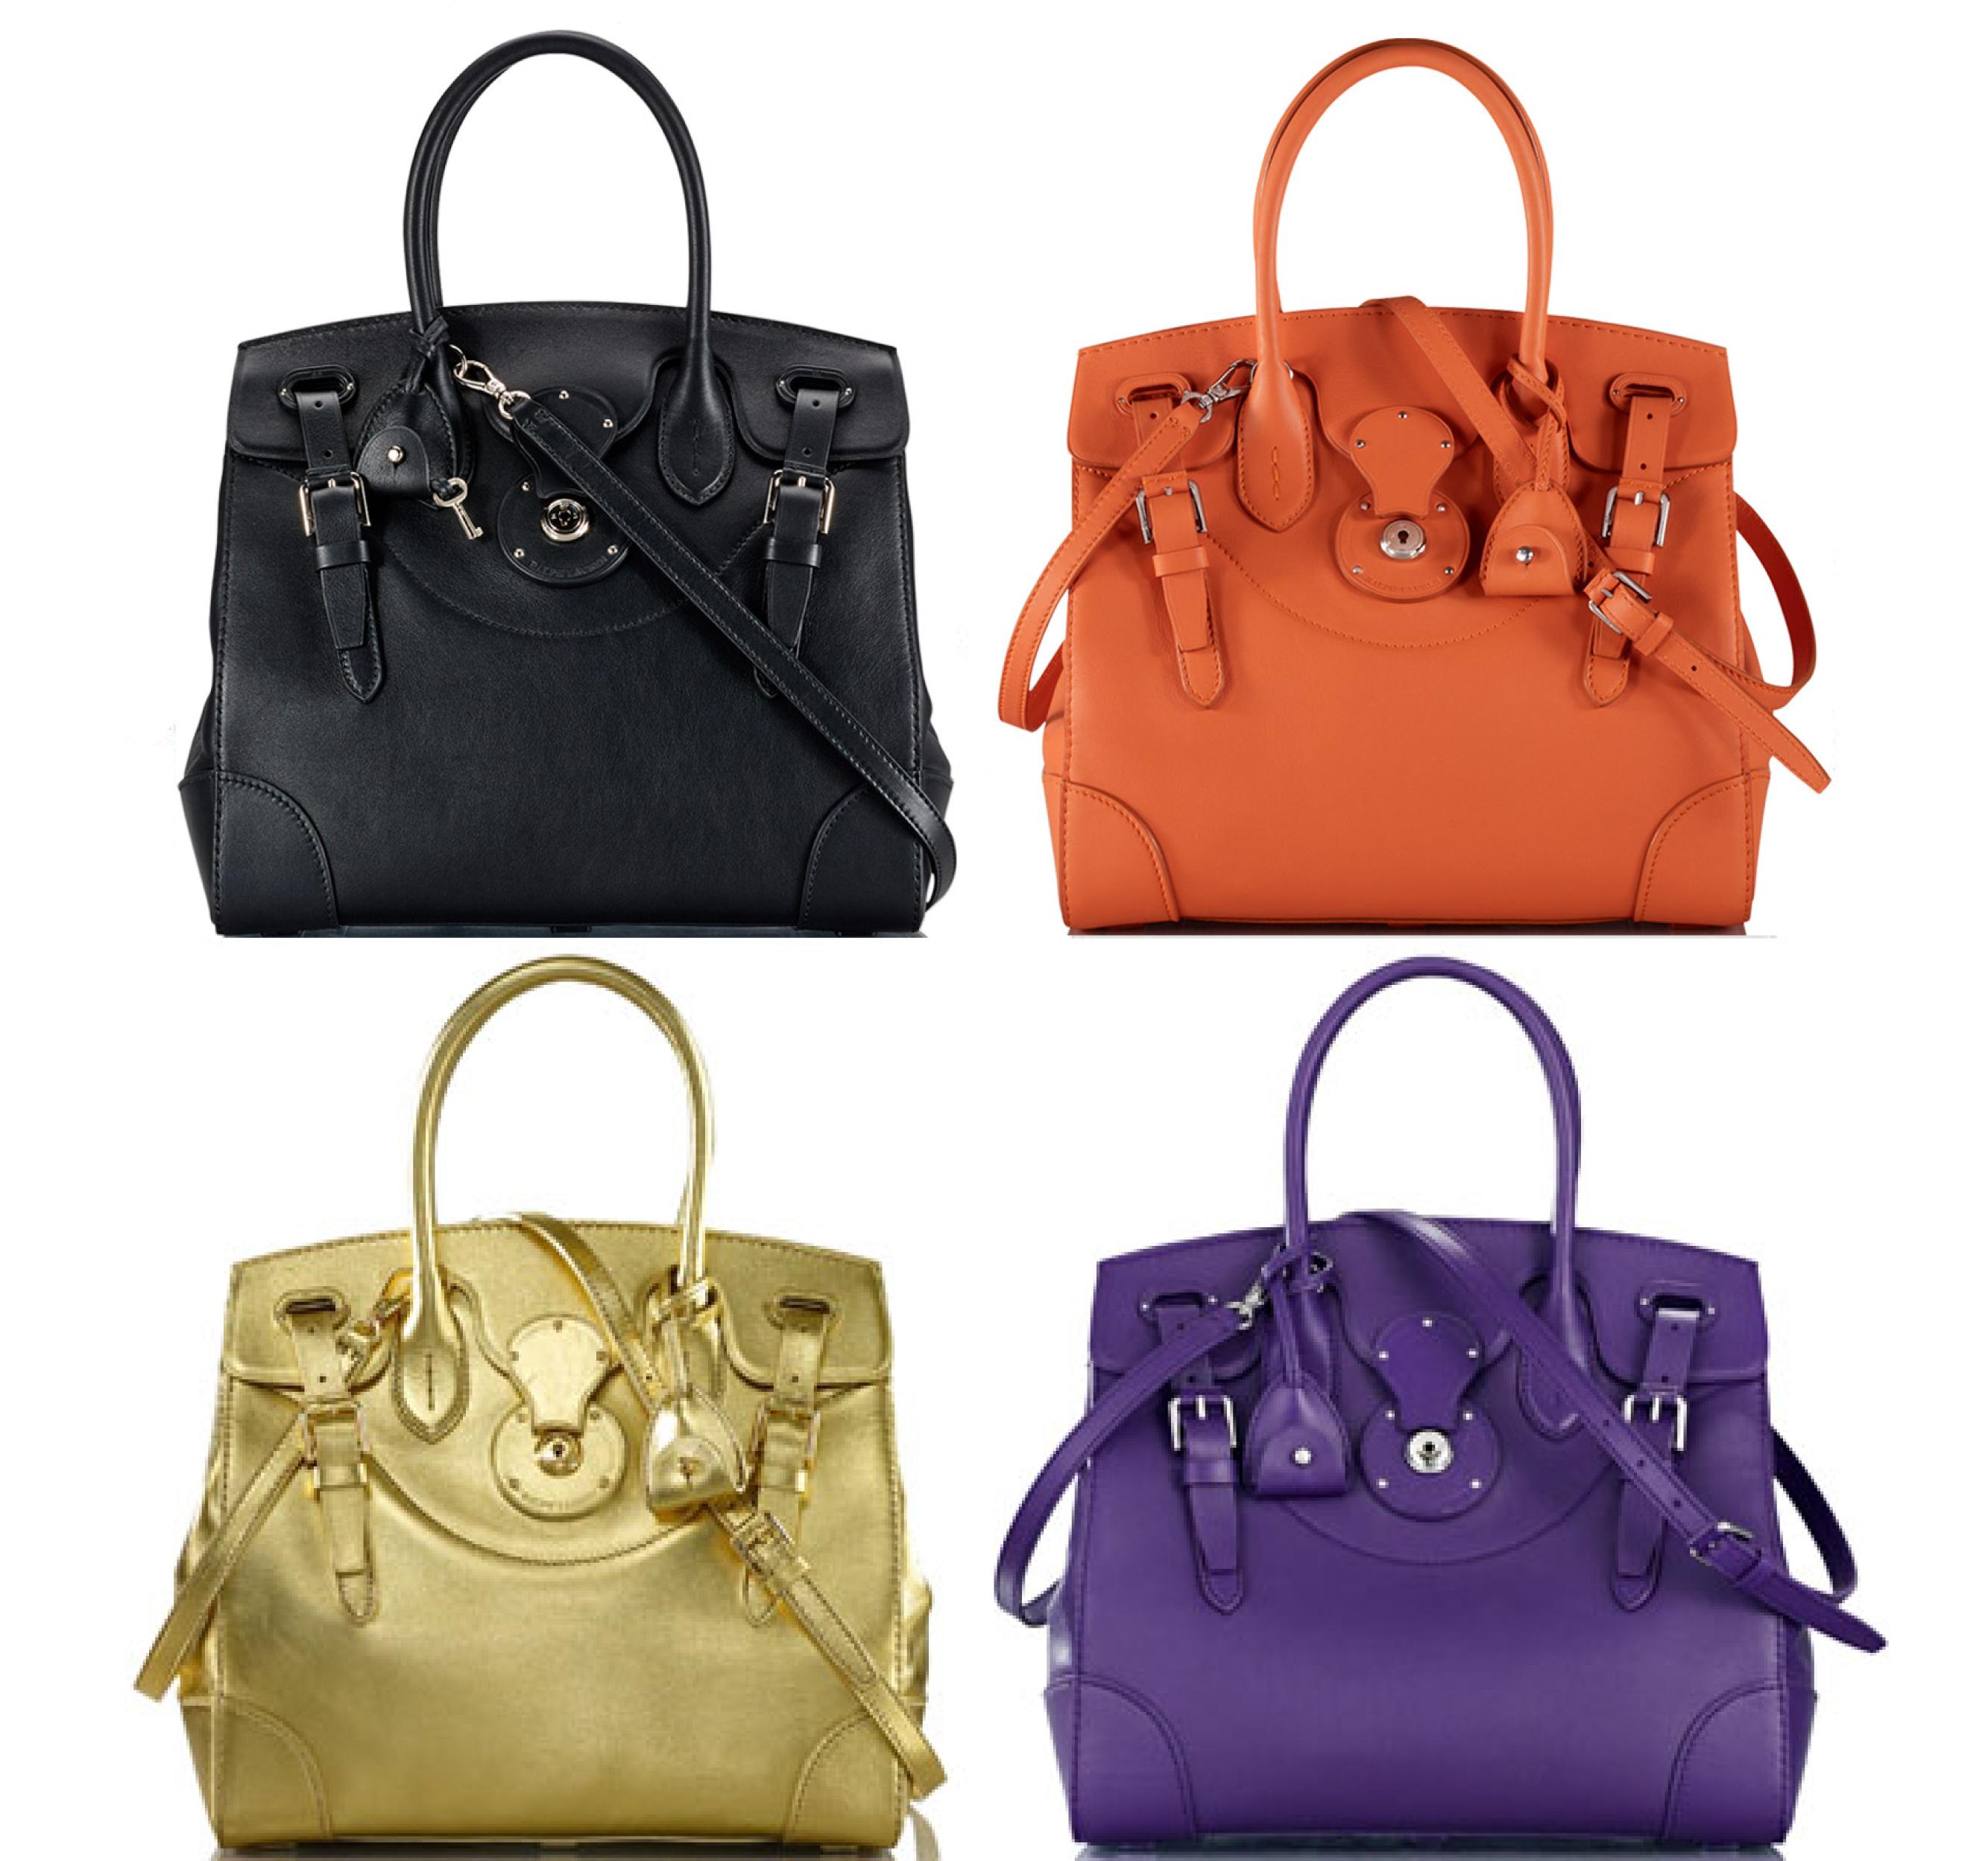 Ralph-Lauren-Soft-Ricky-Bag